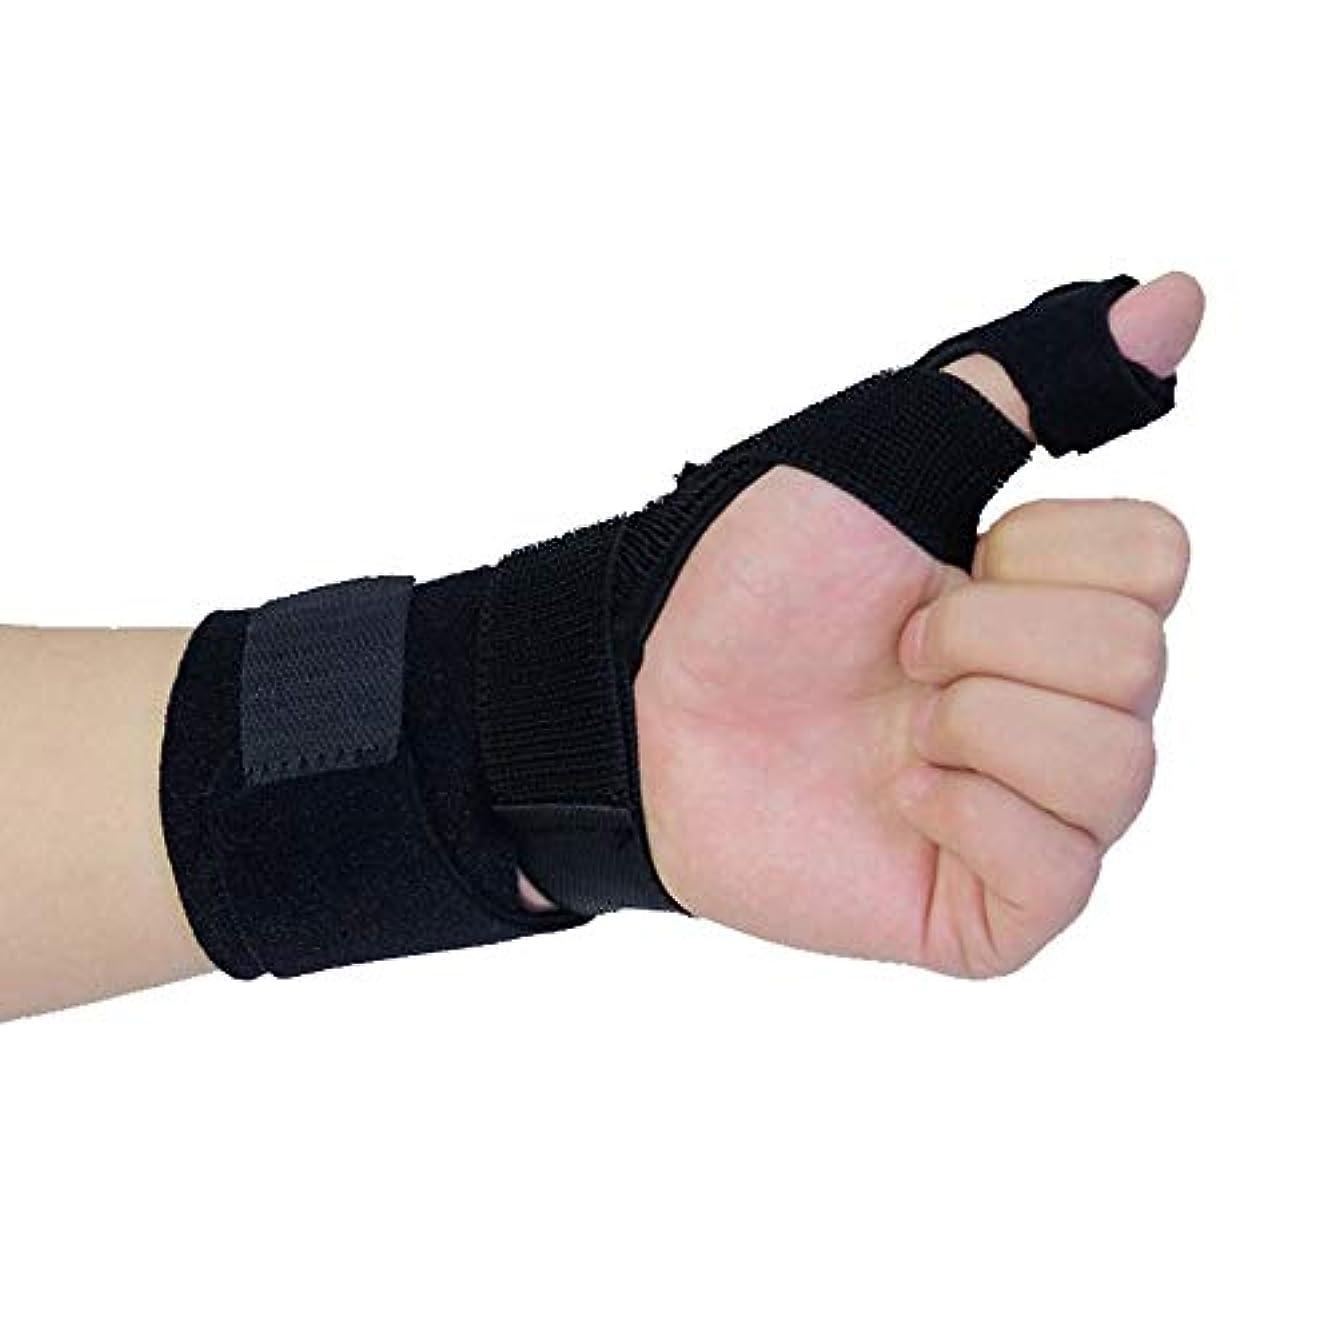 パントリー肉懲戒関節炎、腱炎、手根管の痛みの軽減、軽量で 調節可能なサイズに適した調節可能な親指装具プロテクター